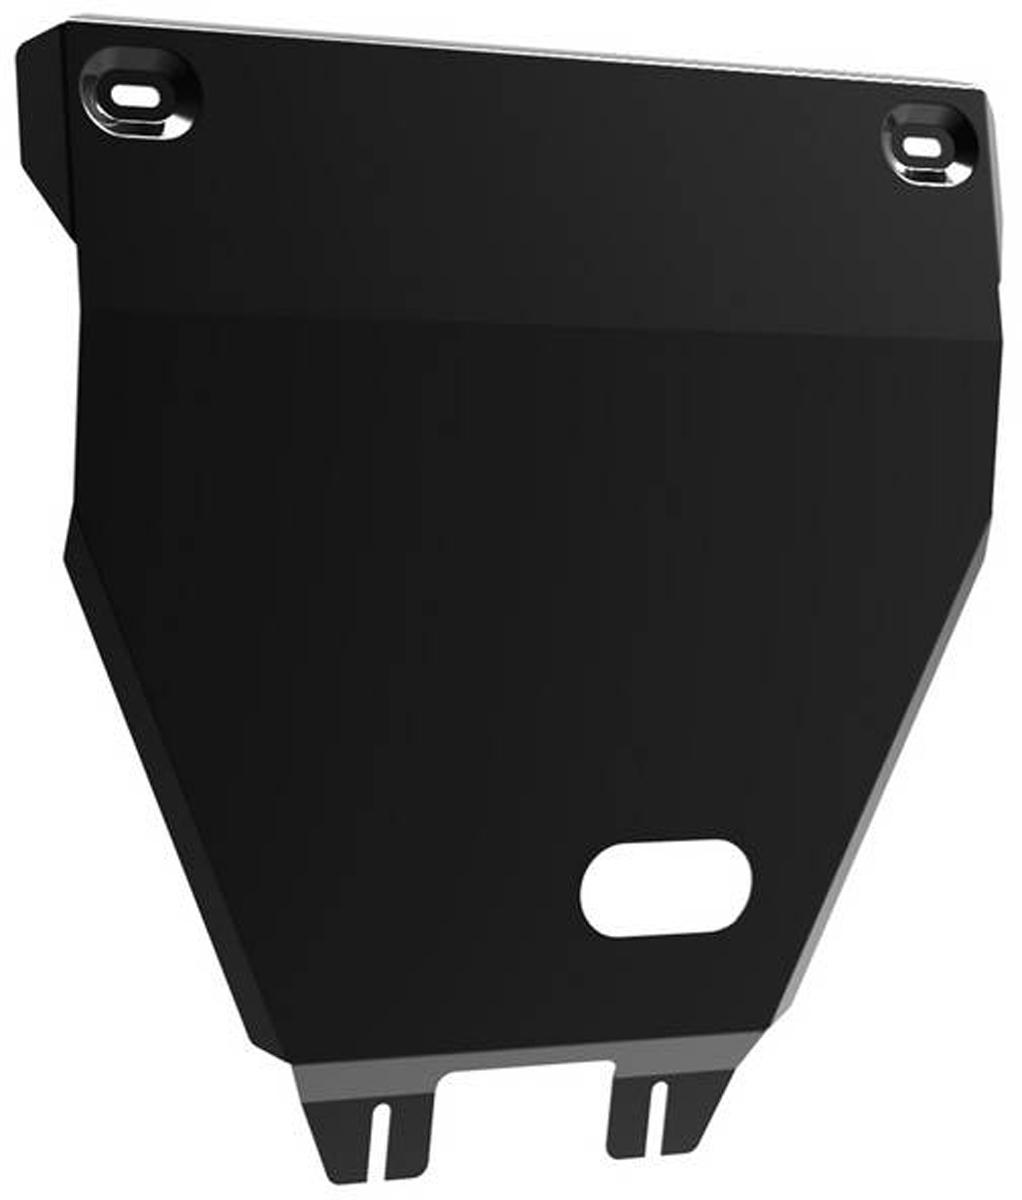 Защита картера Автоброня Subaru Forester 2013-, сталь 2 мм111.05419.1Защита картера Автоброня Subaru Forester КПП, V-2,0; 2013-, сталь 2 мм, комплект крепежа, 111.05419.1 Дополнительно можно приобрести другие защитные элементы из комплекта: защита КПП - 111.05420.2Стальные защиты Автоброня надежно защищают ваш автомобиль от повреждений при наезде на бордюры, выступающие канализационные люки, кромки поврежденного асфальта или при ремонте дорог, не говоря уже о загородных дорогах. - Имеют оптимальное соотношение цена-качество. - Спроектированы с учетом особенностей автомобиля, что делает установку удобной. - Защита устанавливается в штатные места кузова автомобиля. - Является надежной защитой для важных элементов на протяжении долгих лет. - Глубокий штамп дополнительно усиливает конструкцию защиты. - Подштамповка в местах крепления защищает крепеж от срезания. - Технологические отверстия там, где они необходимы для смены масла и слива воды, оборудованные заглушками, закрепленными на защите. Толщина стали 2 мм. В комплекте крепеж и инструкция по установке.Уважаемые клиенты! Обращаем ваше внимание на тот факт, что защита имеет форму, соответствующую модели данного автомобиля. Наличие глубокого штампа и лючков для смены фильтров/масла предусмотрено не на всех защитах. Фото служит для визуального восприятия товара.